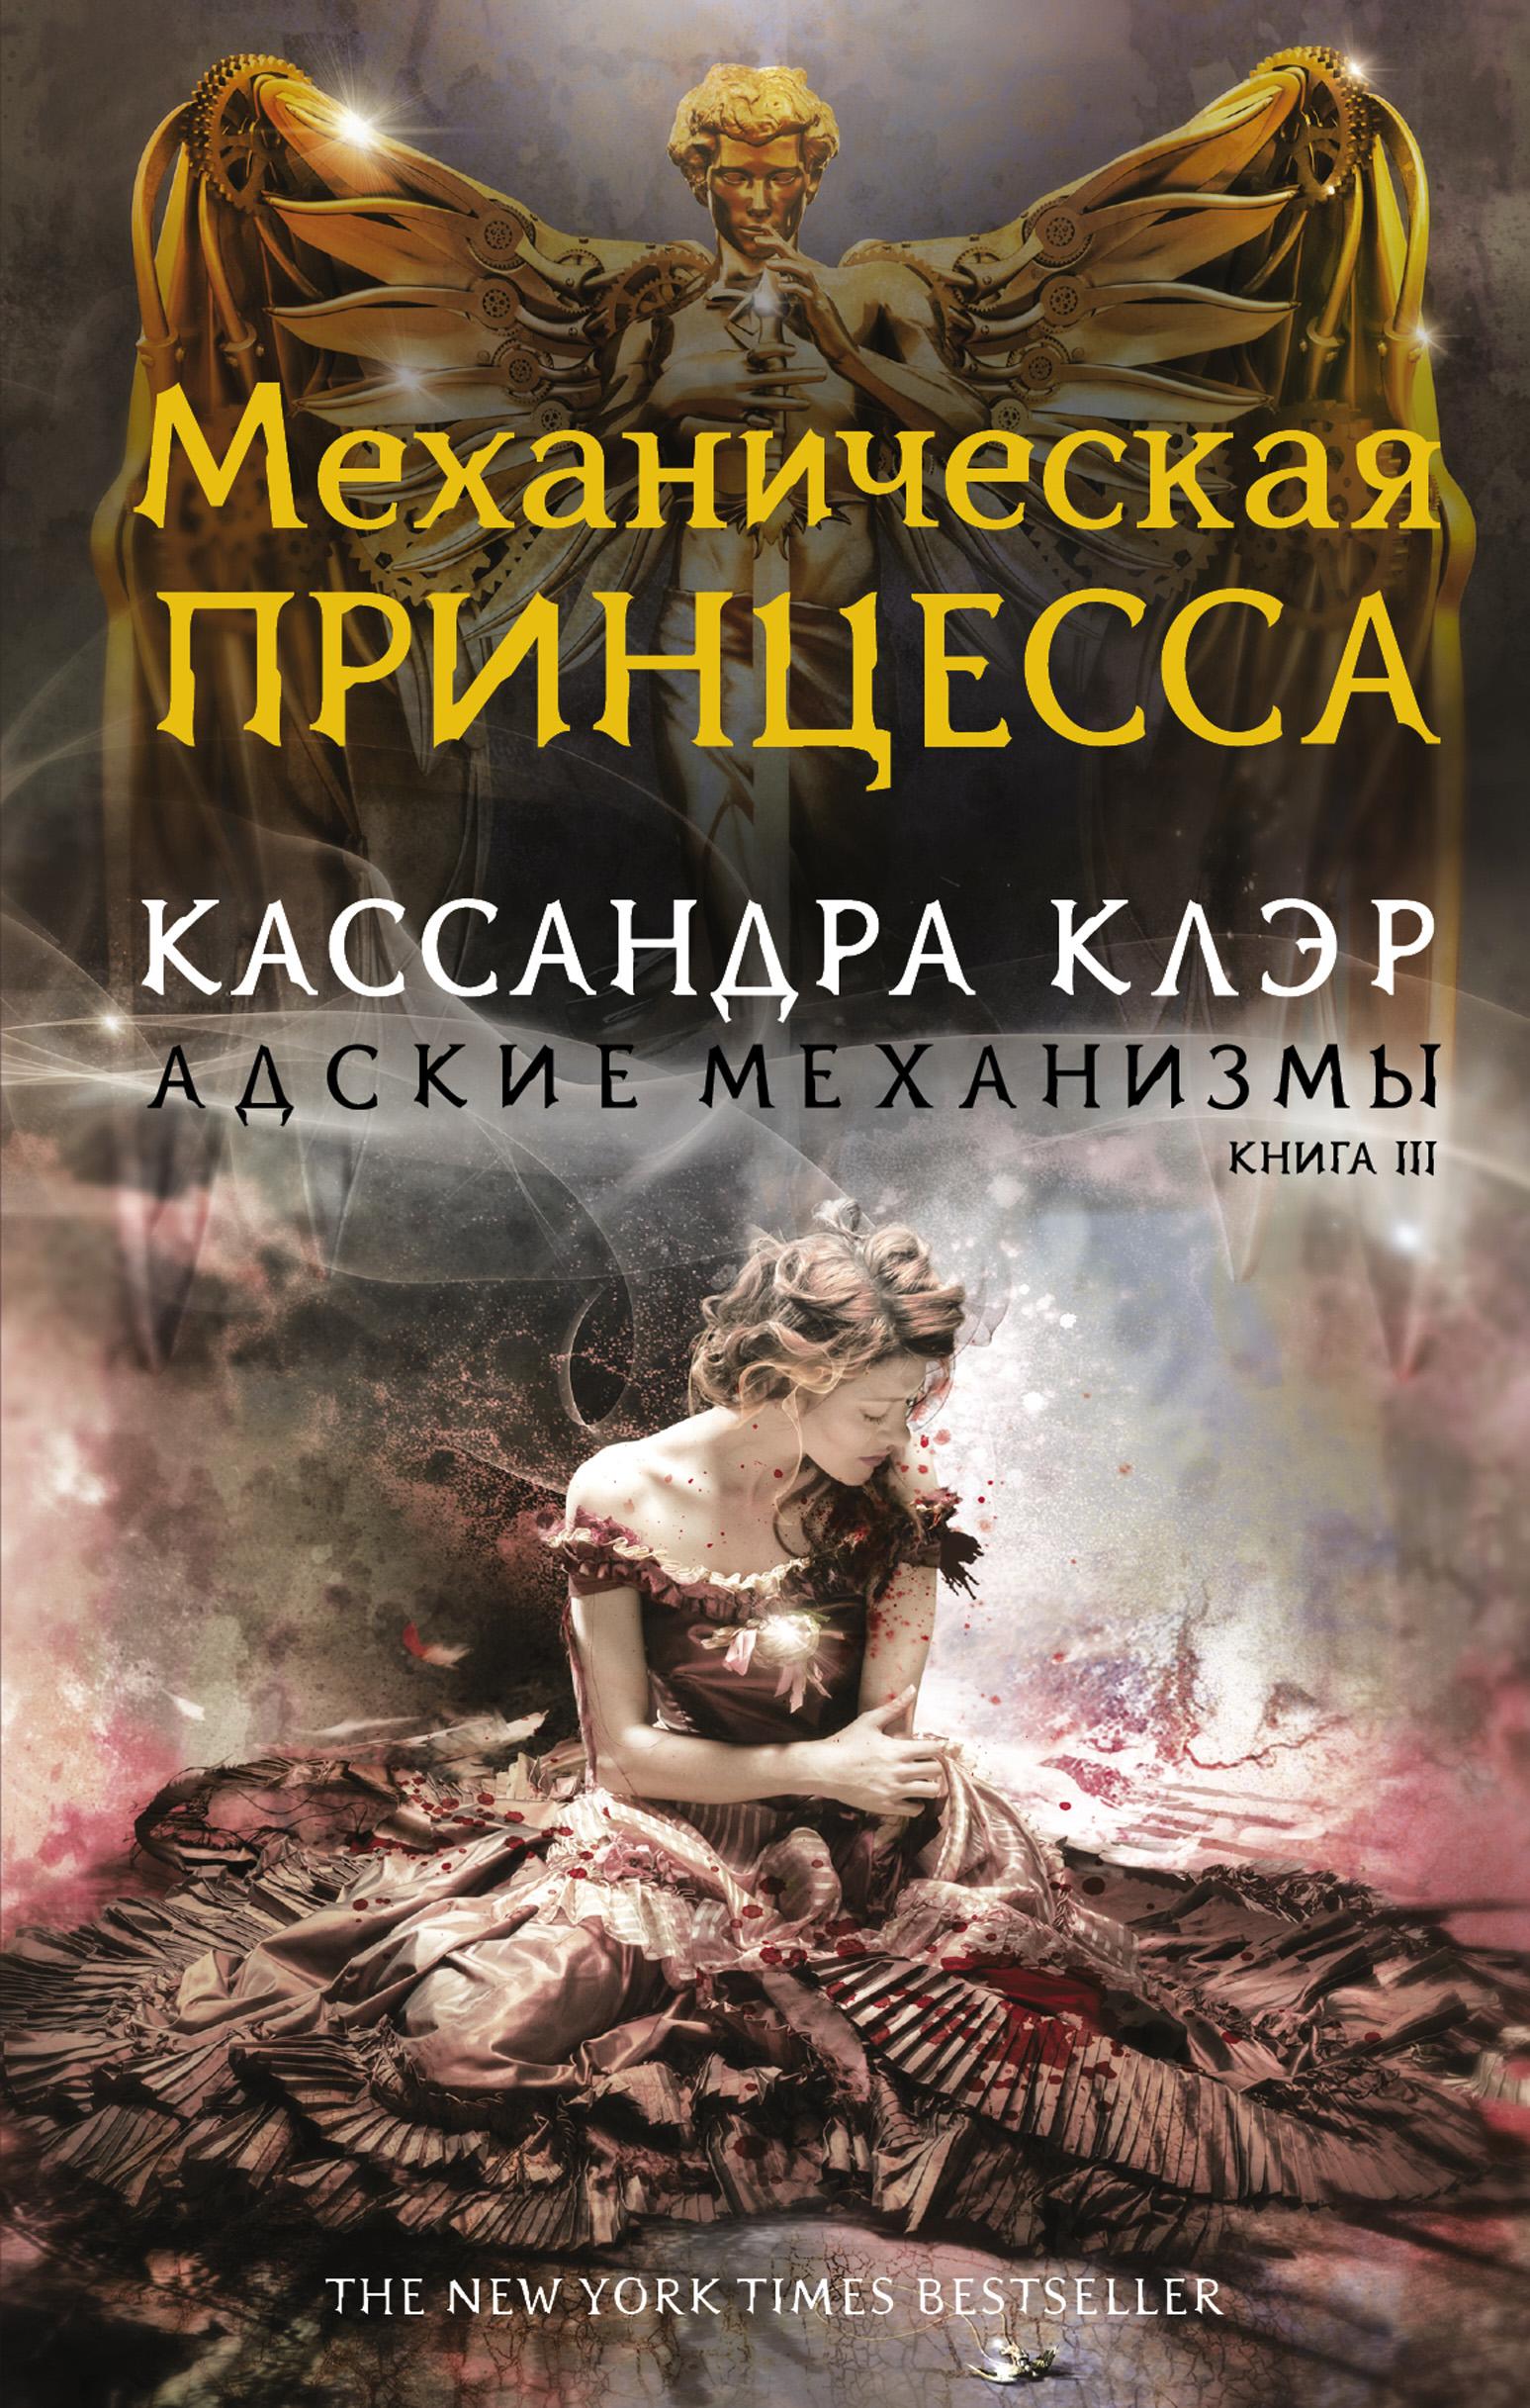 Кассандра Клэр Механическая принцесса кассандра клэр механическая принцесса книга 3